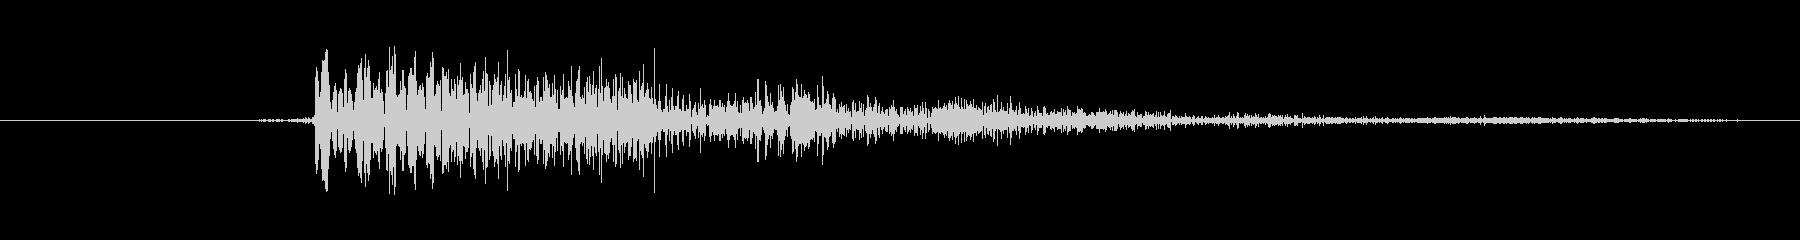 カーソル移動(ヒュイッ)の未再生の波形